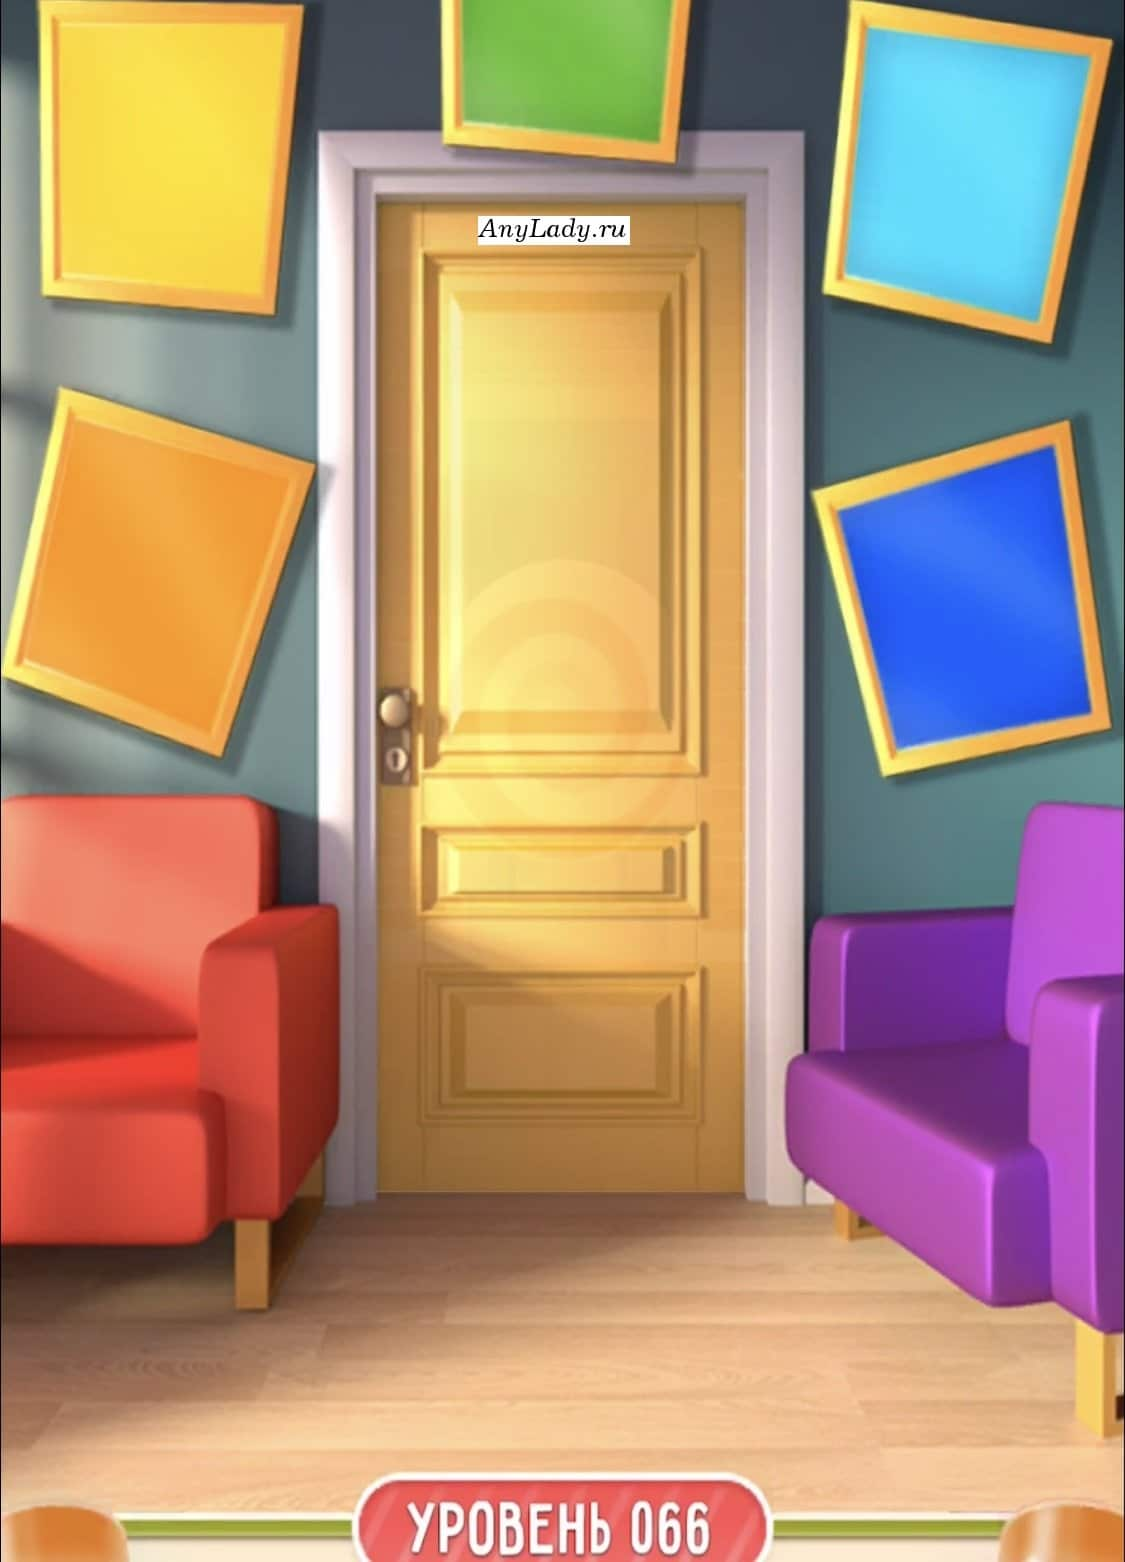 В комнате семь предметов, а Вы помните сколько оттенков у радуги? Да! Разгадка именно в ней, кресла не меняют расцветку и являются началом и концом радуги. Картины меняют цвета и нажимая на них, Вам необходимо упорядочить оттенки радуги.   Ответ: красный; оранжевый; желтый; Зеленый; голубой; синий; фиолетовый.